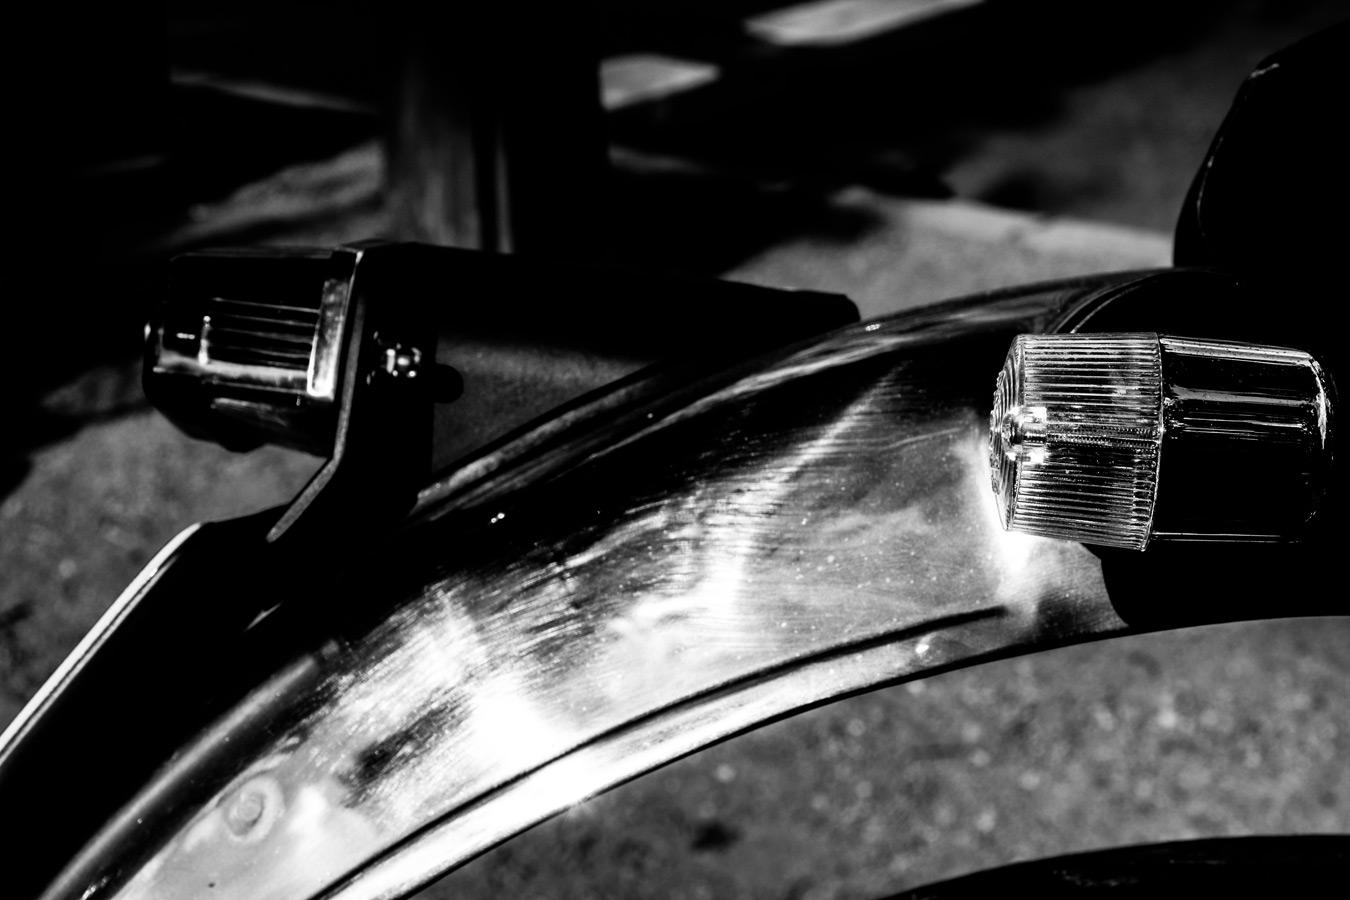 foto-koch-artikel-thomas-stelzmann-silberstreifen-schutzblech-eines-alten-motorrades